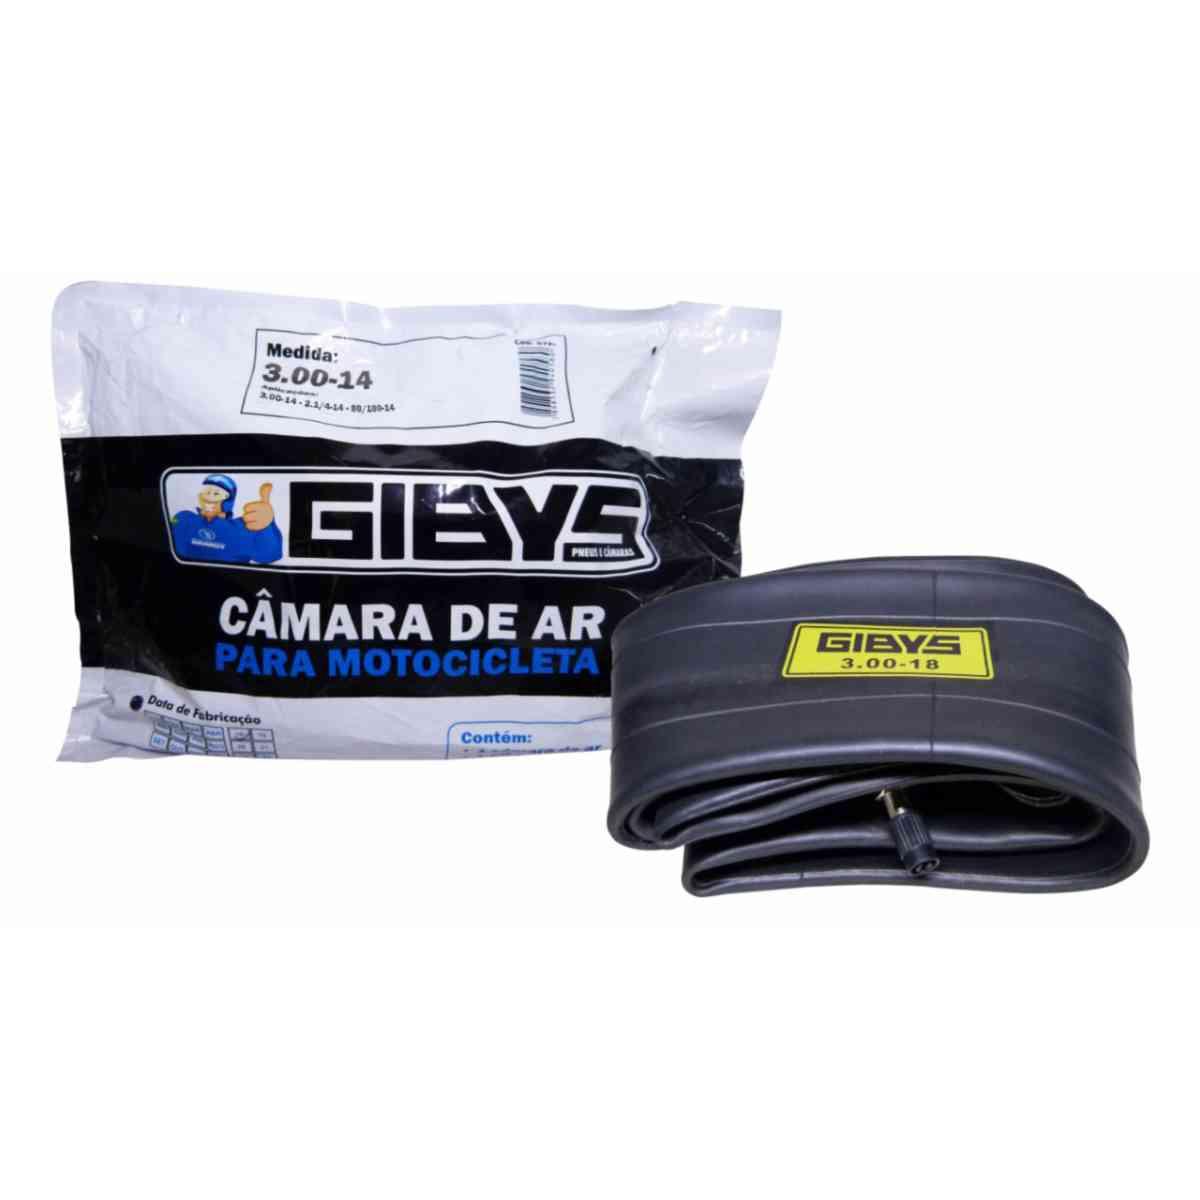 CÂMARA DE AR GIBYS PNEU TRASEIRO MOTO BIZ 100 / BIZ 125 / POP 100 2.1/4-14 / 80/100-14 REF. 3.00-14